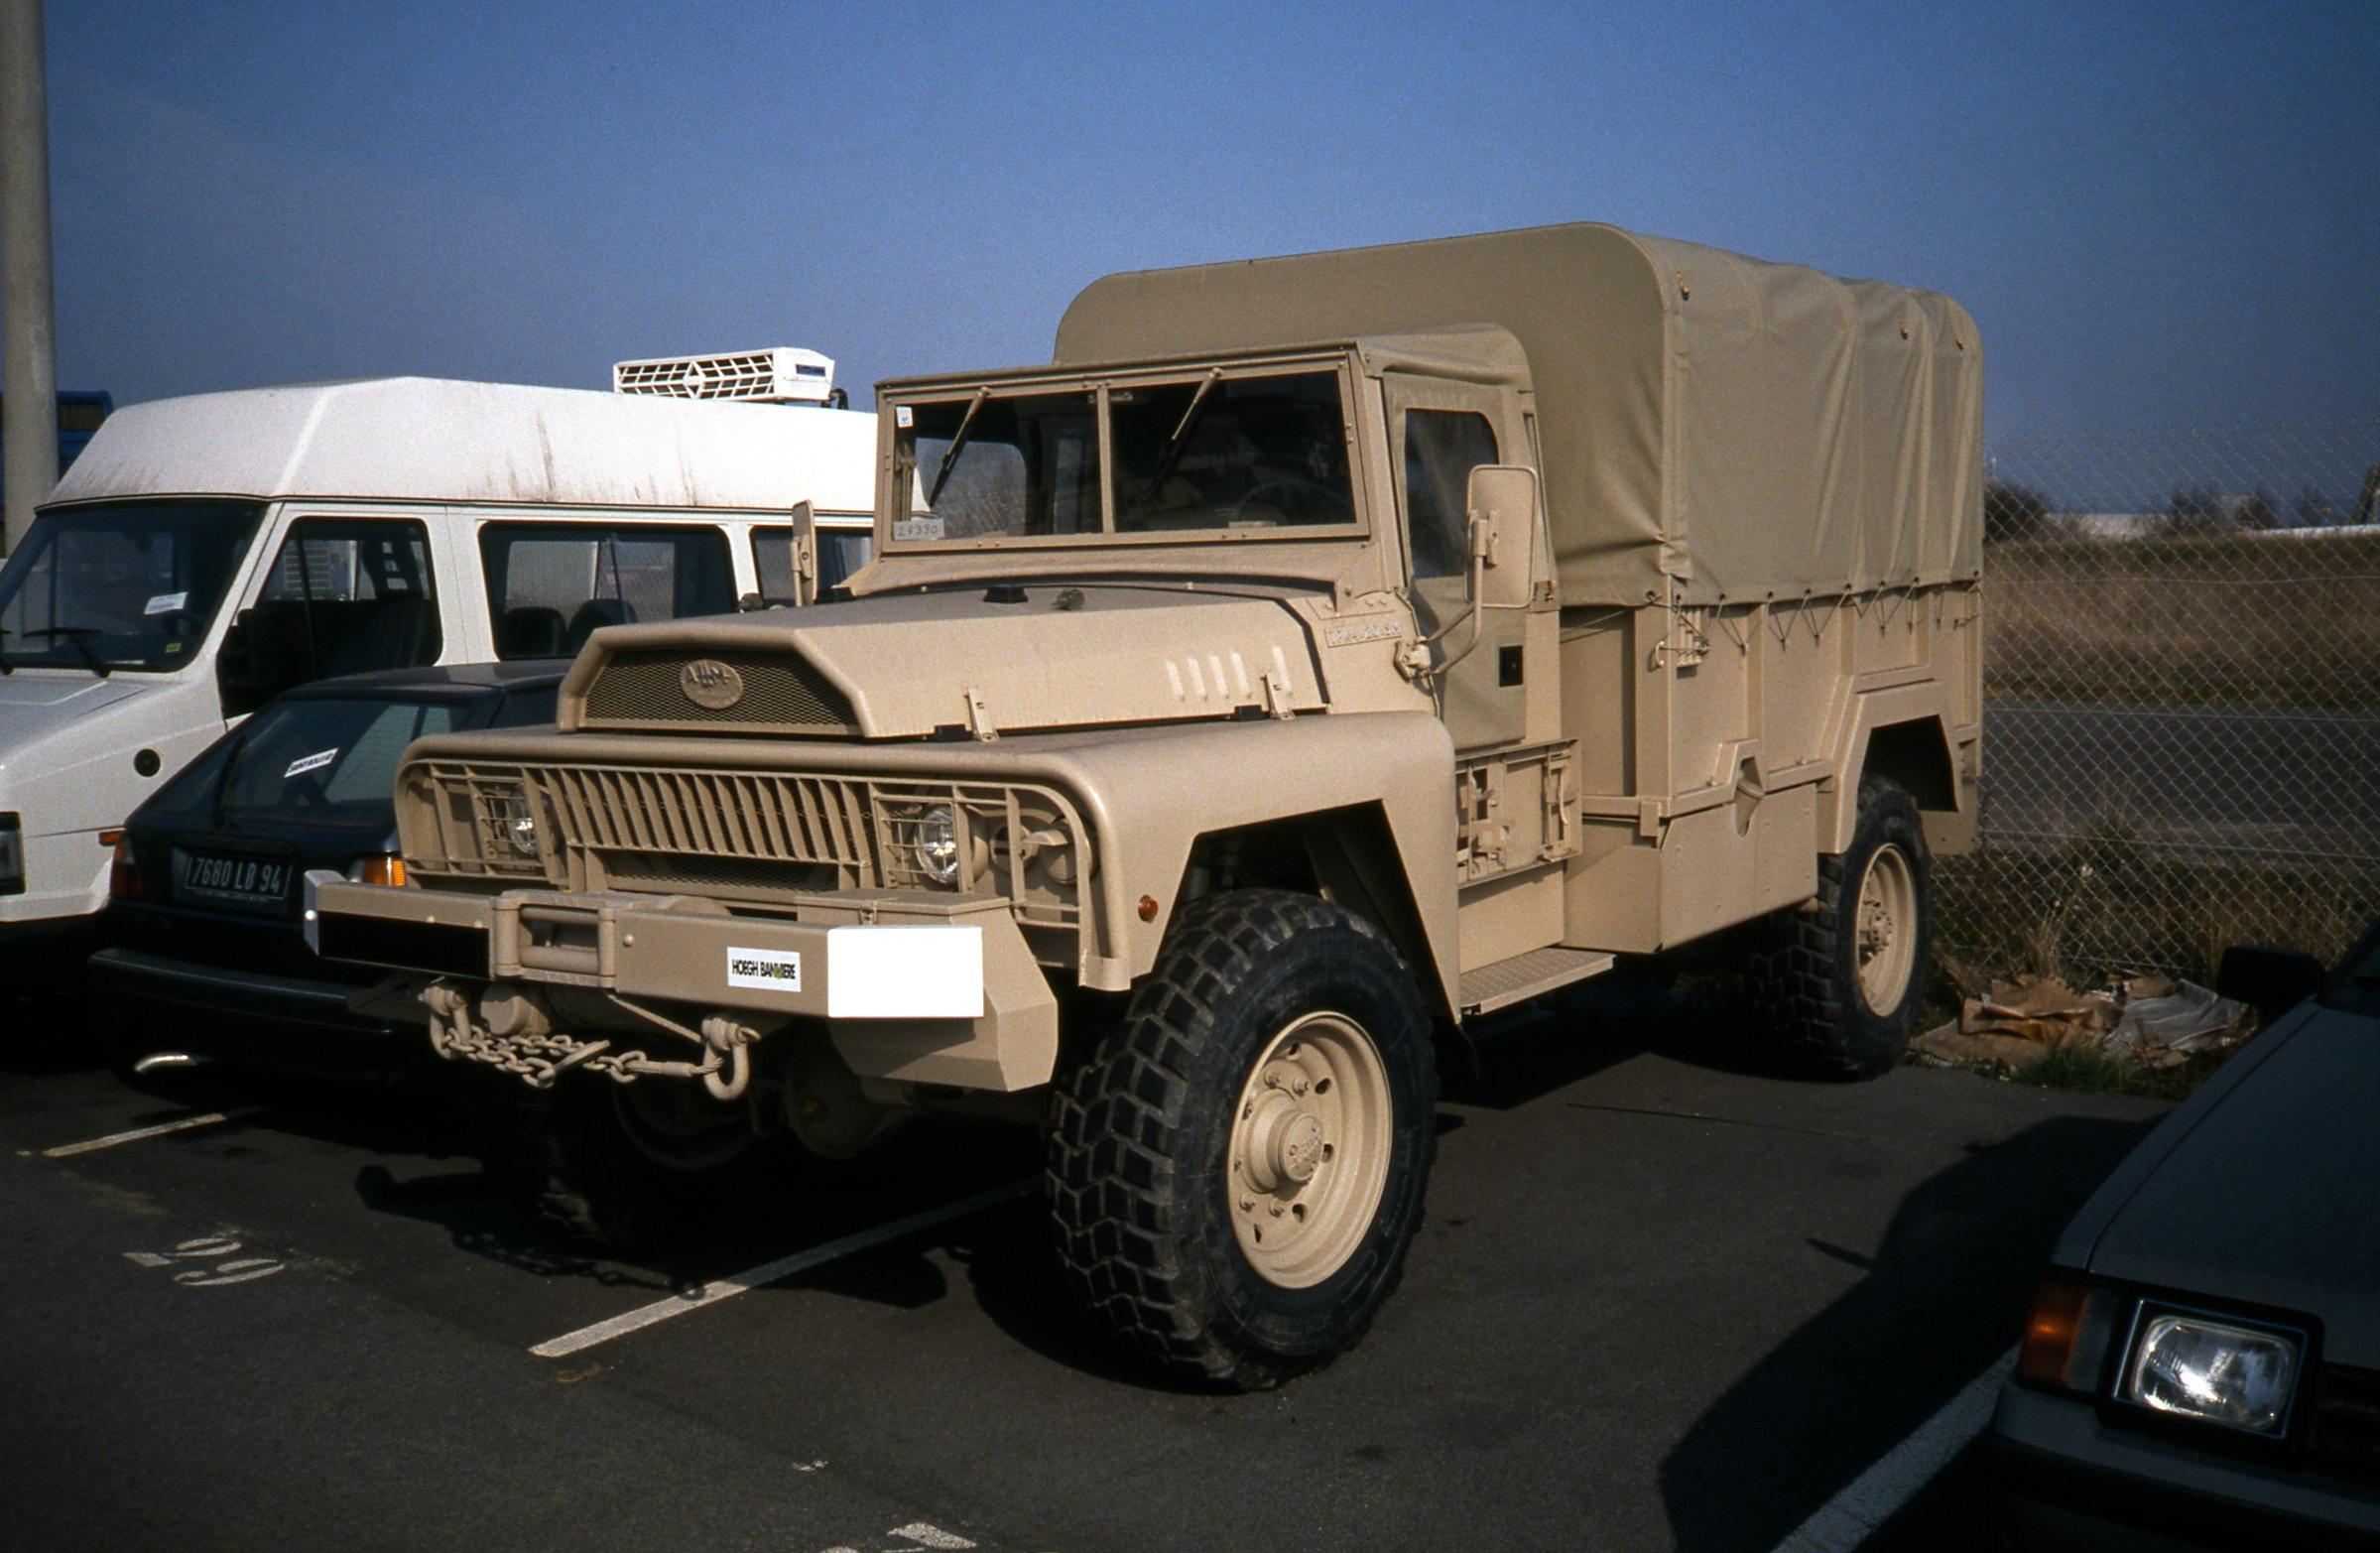 Photos - Logistique et Camions / Logistics and Trucks - Page 6 34912893035_c7c7e0897c_o